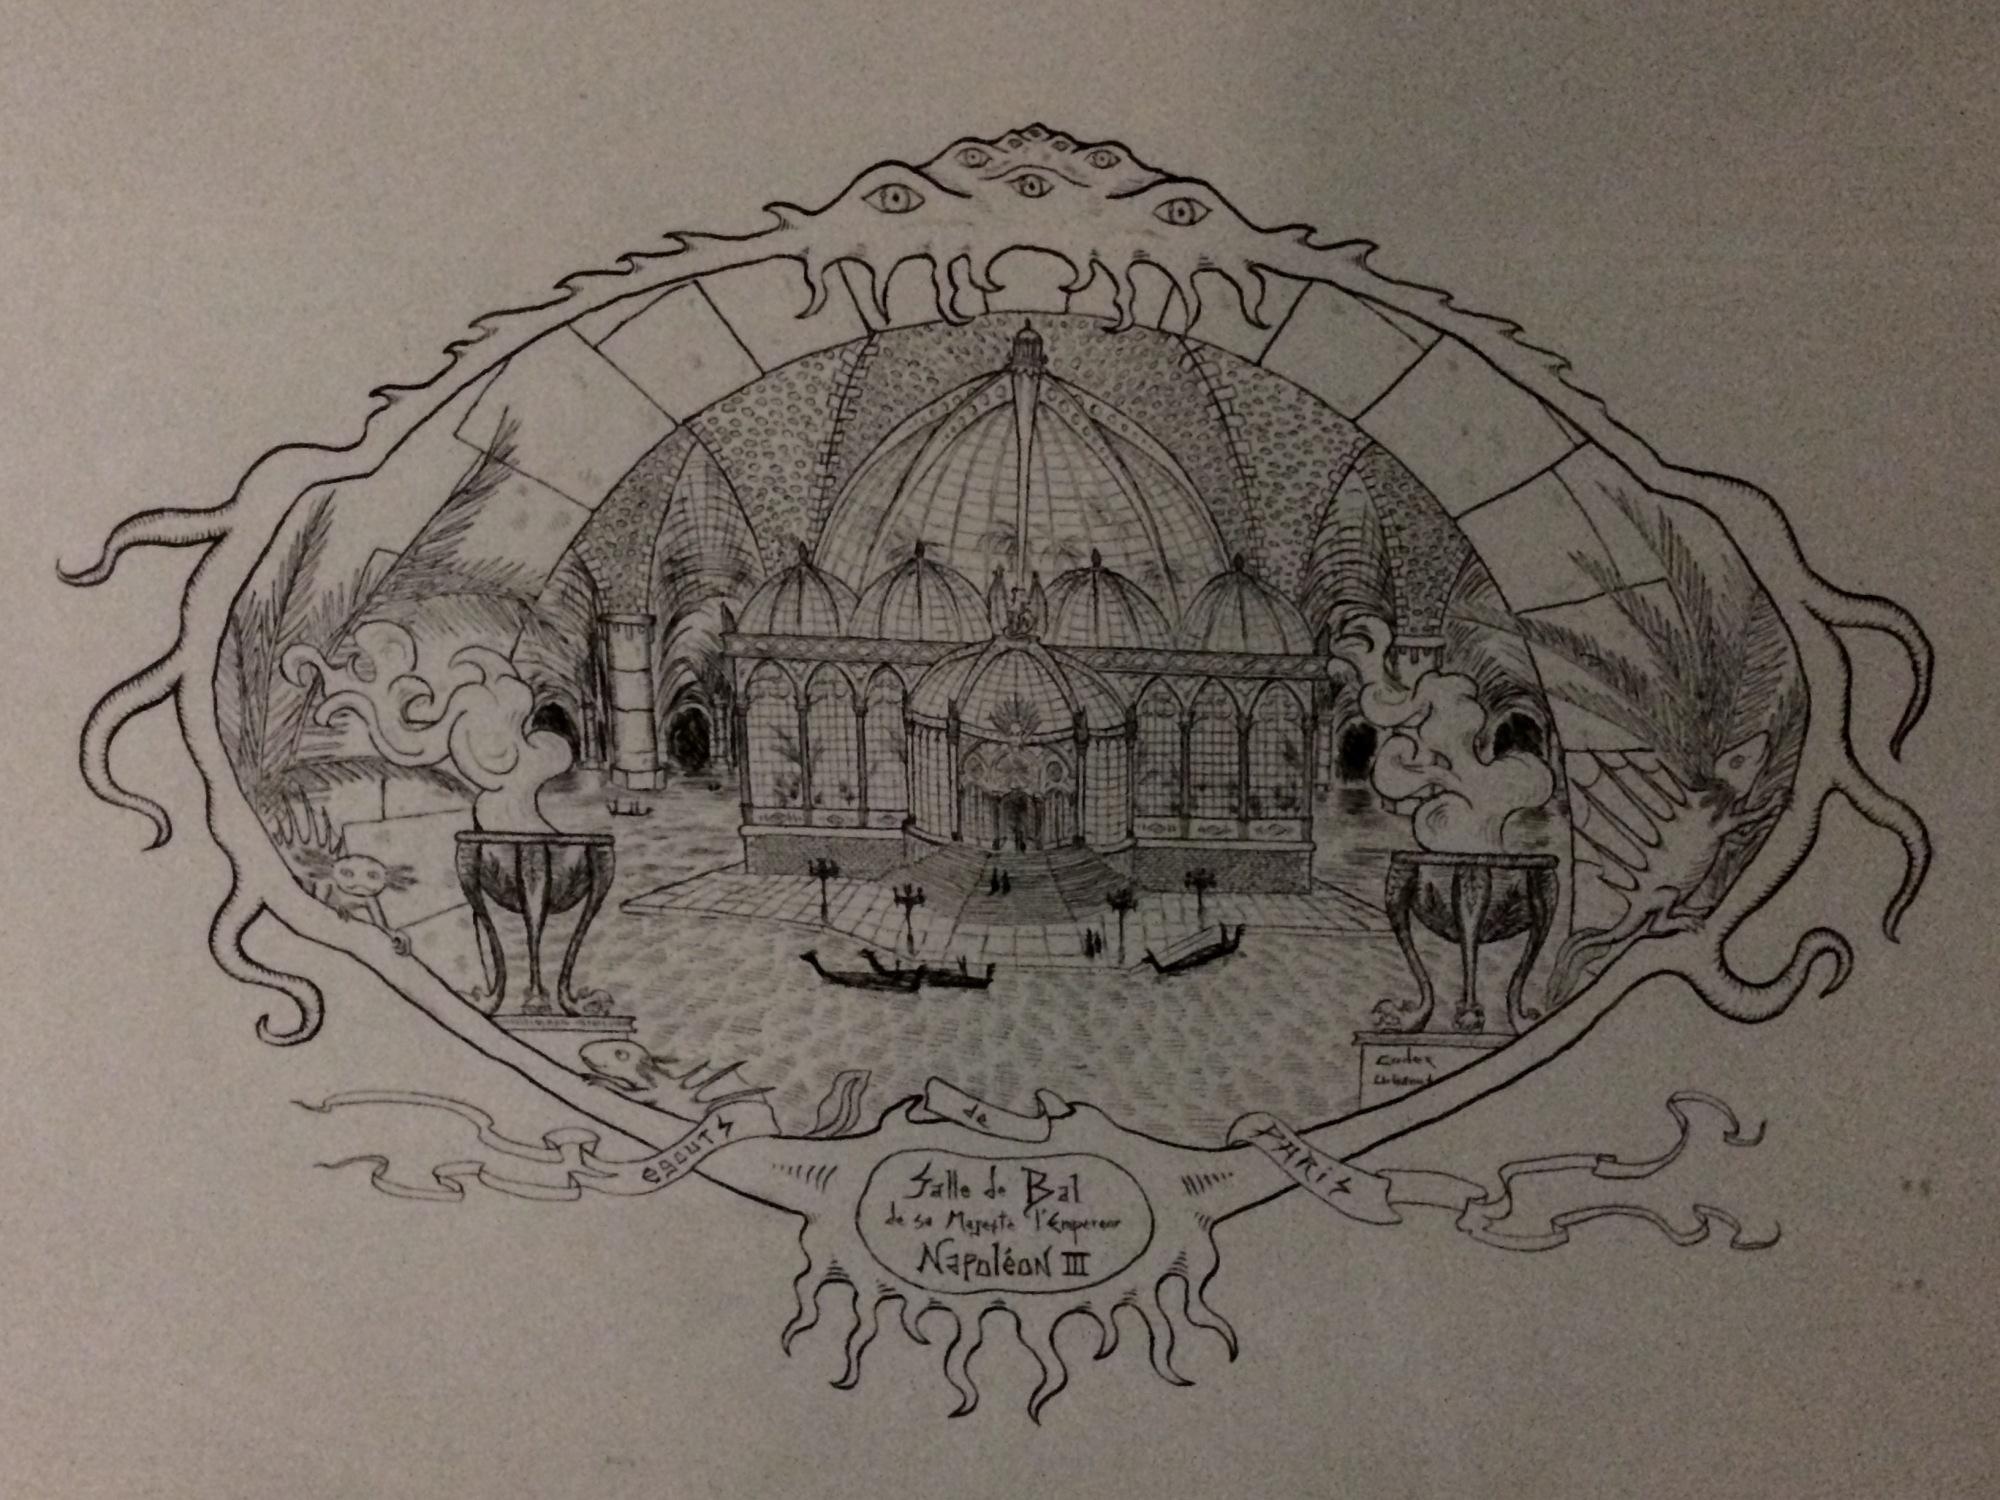 Salle de bal de sa Majesté l'empereur Napoléon III. Codex Urbanus. 2018